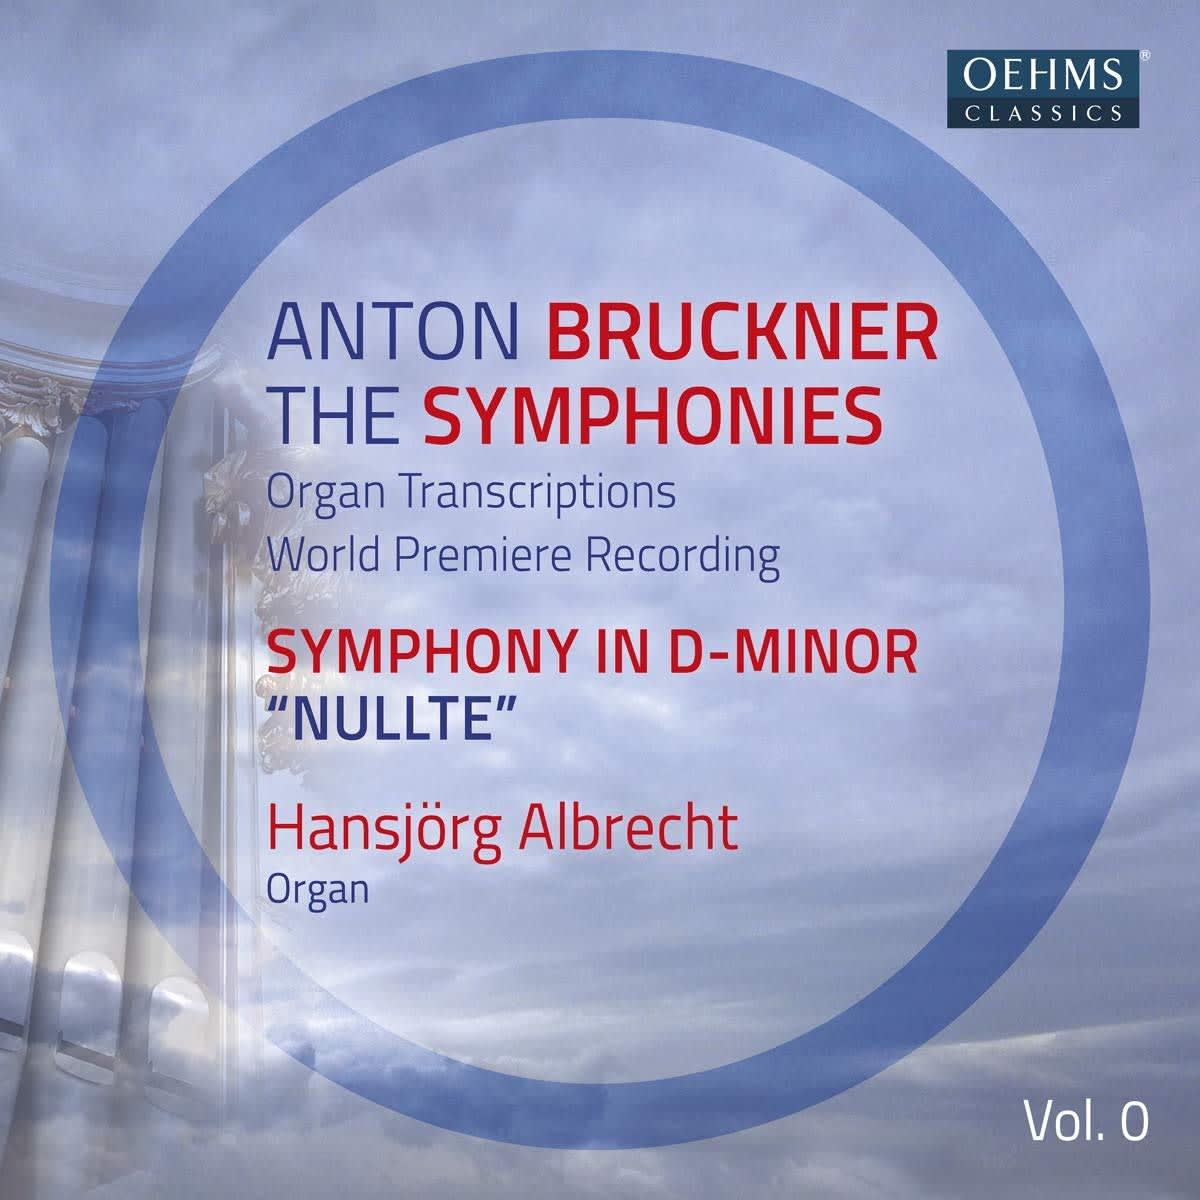 Photo No.1 of Bruckner: The Symphonies Vol. 1 (Organ Transcriptions)